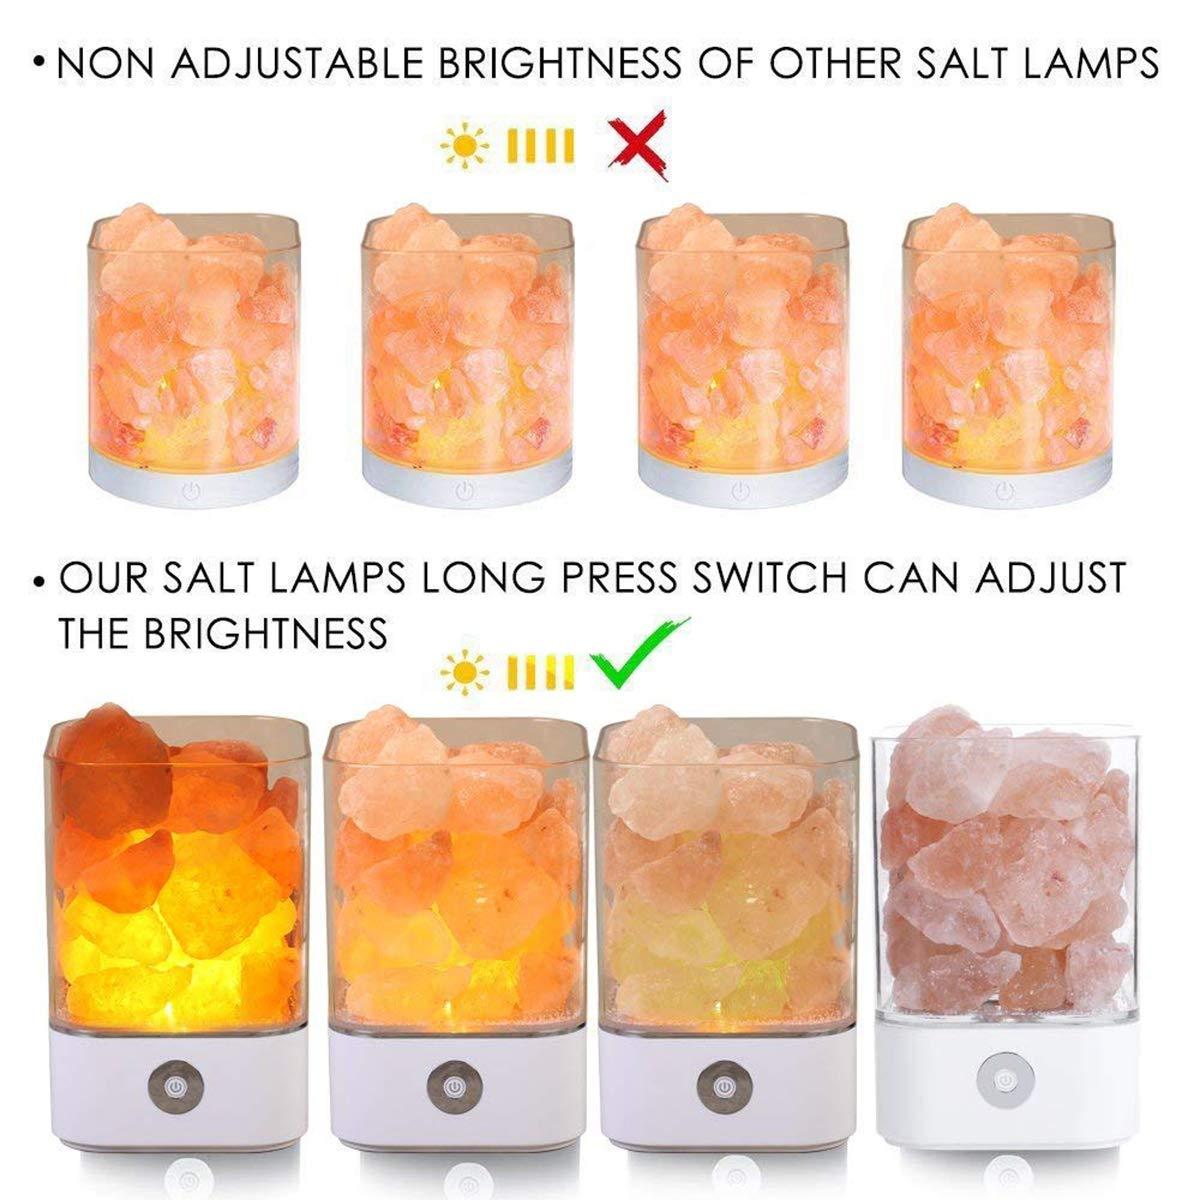 Salz Lampe Himalaya Salzkristall Lampe Nachttischlampe Dekorative Lichter Therapeutisch Salzlampe Dimmbar mit LED Salz Lampe mit Touch Helligkeit Control Funktion by Upstartech